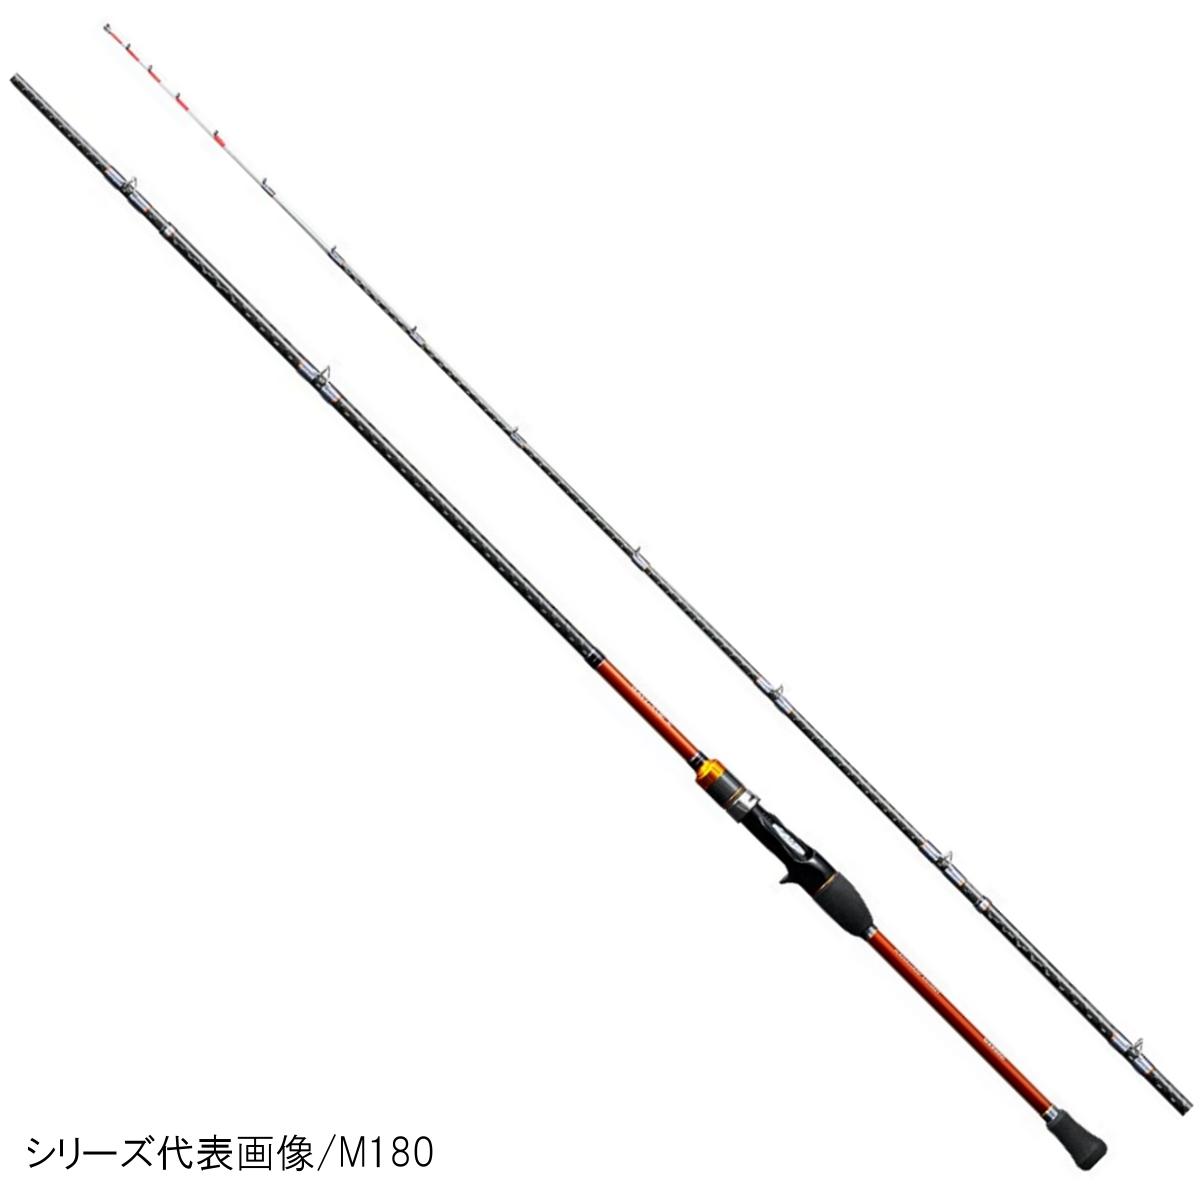 シマノ ベイゲーム X カワハギ H175【送料無料】